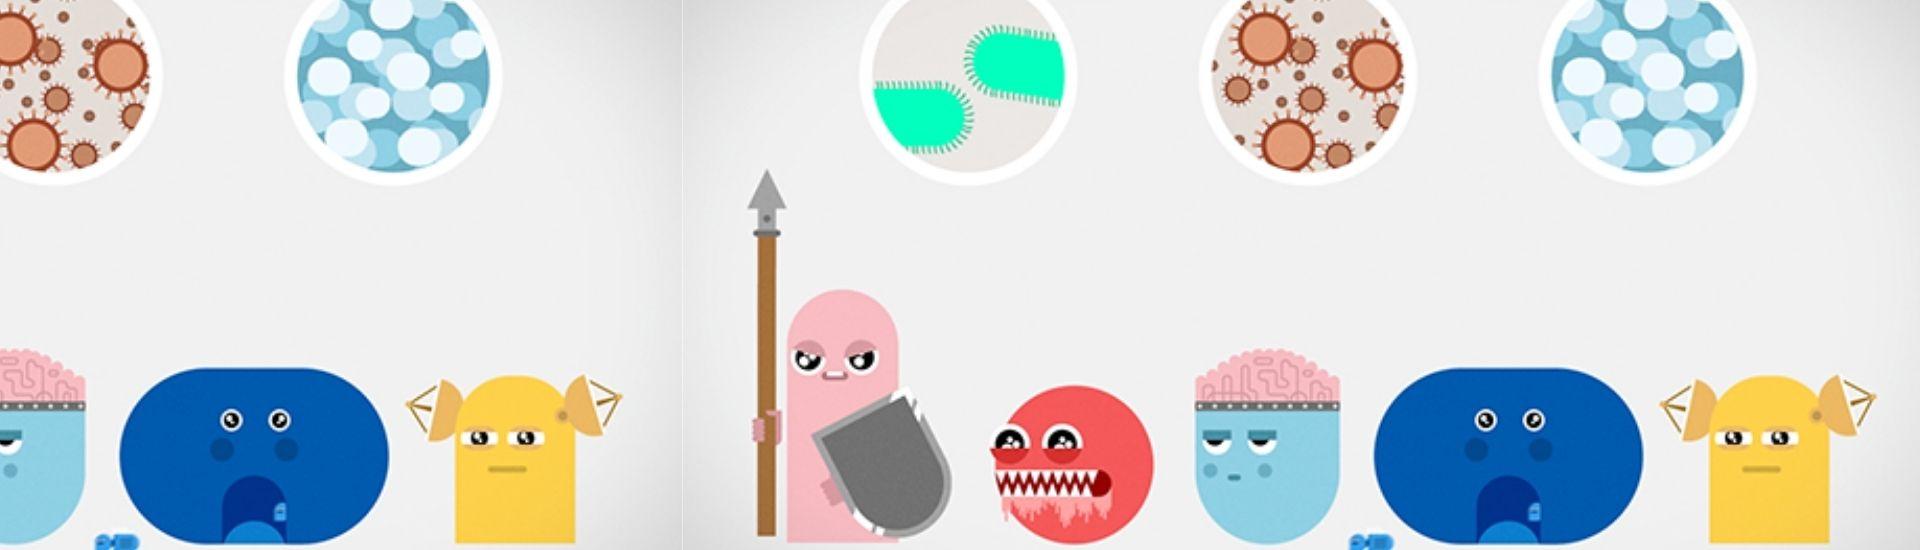 Ilustración de sistema inmune